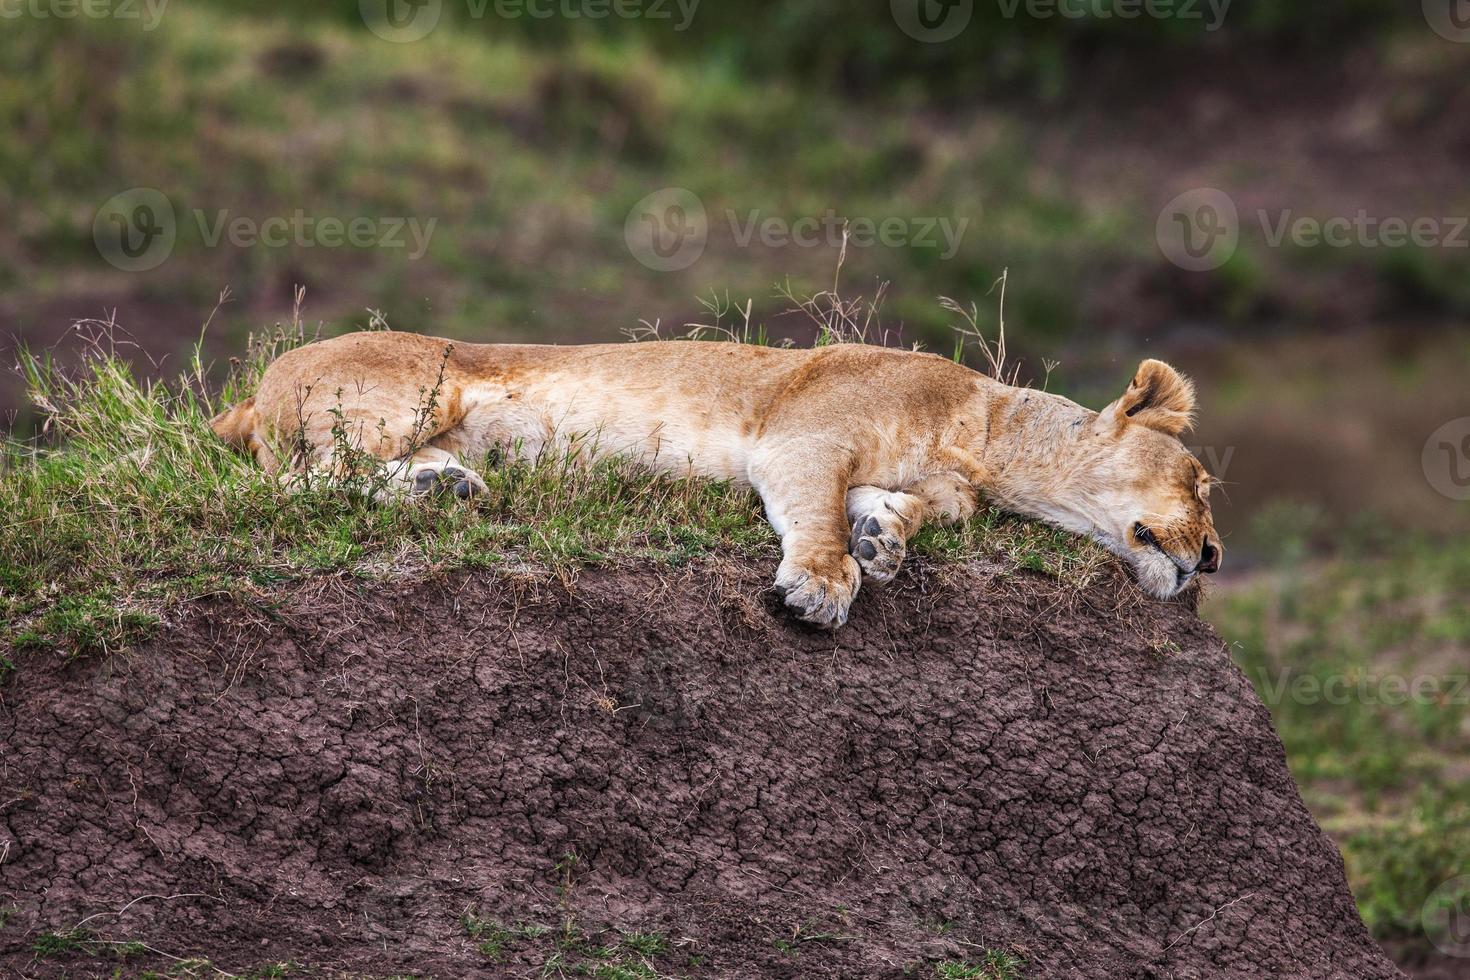 Lionne reposante sur un rocher dans les broussailles vertes photo